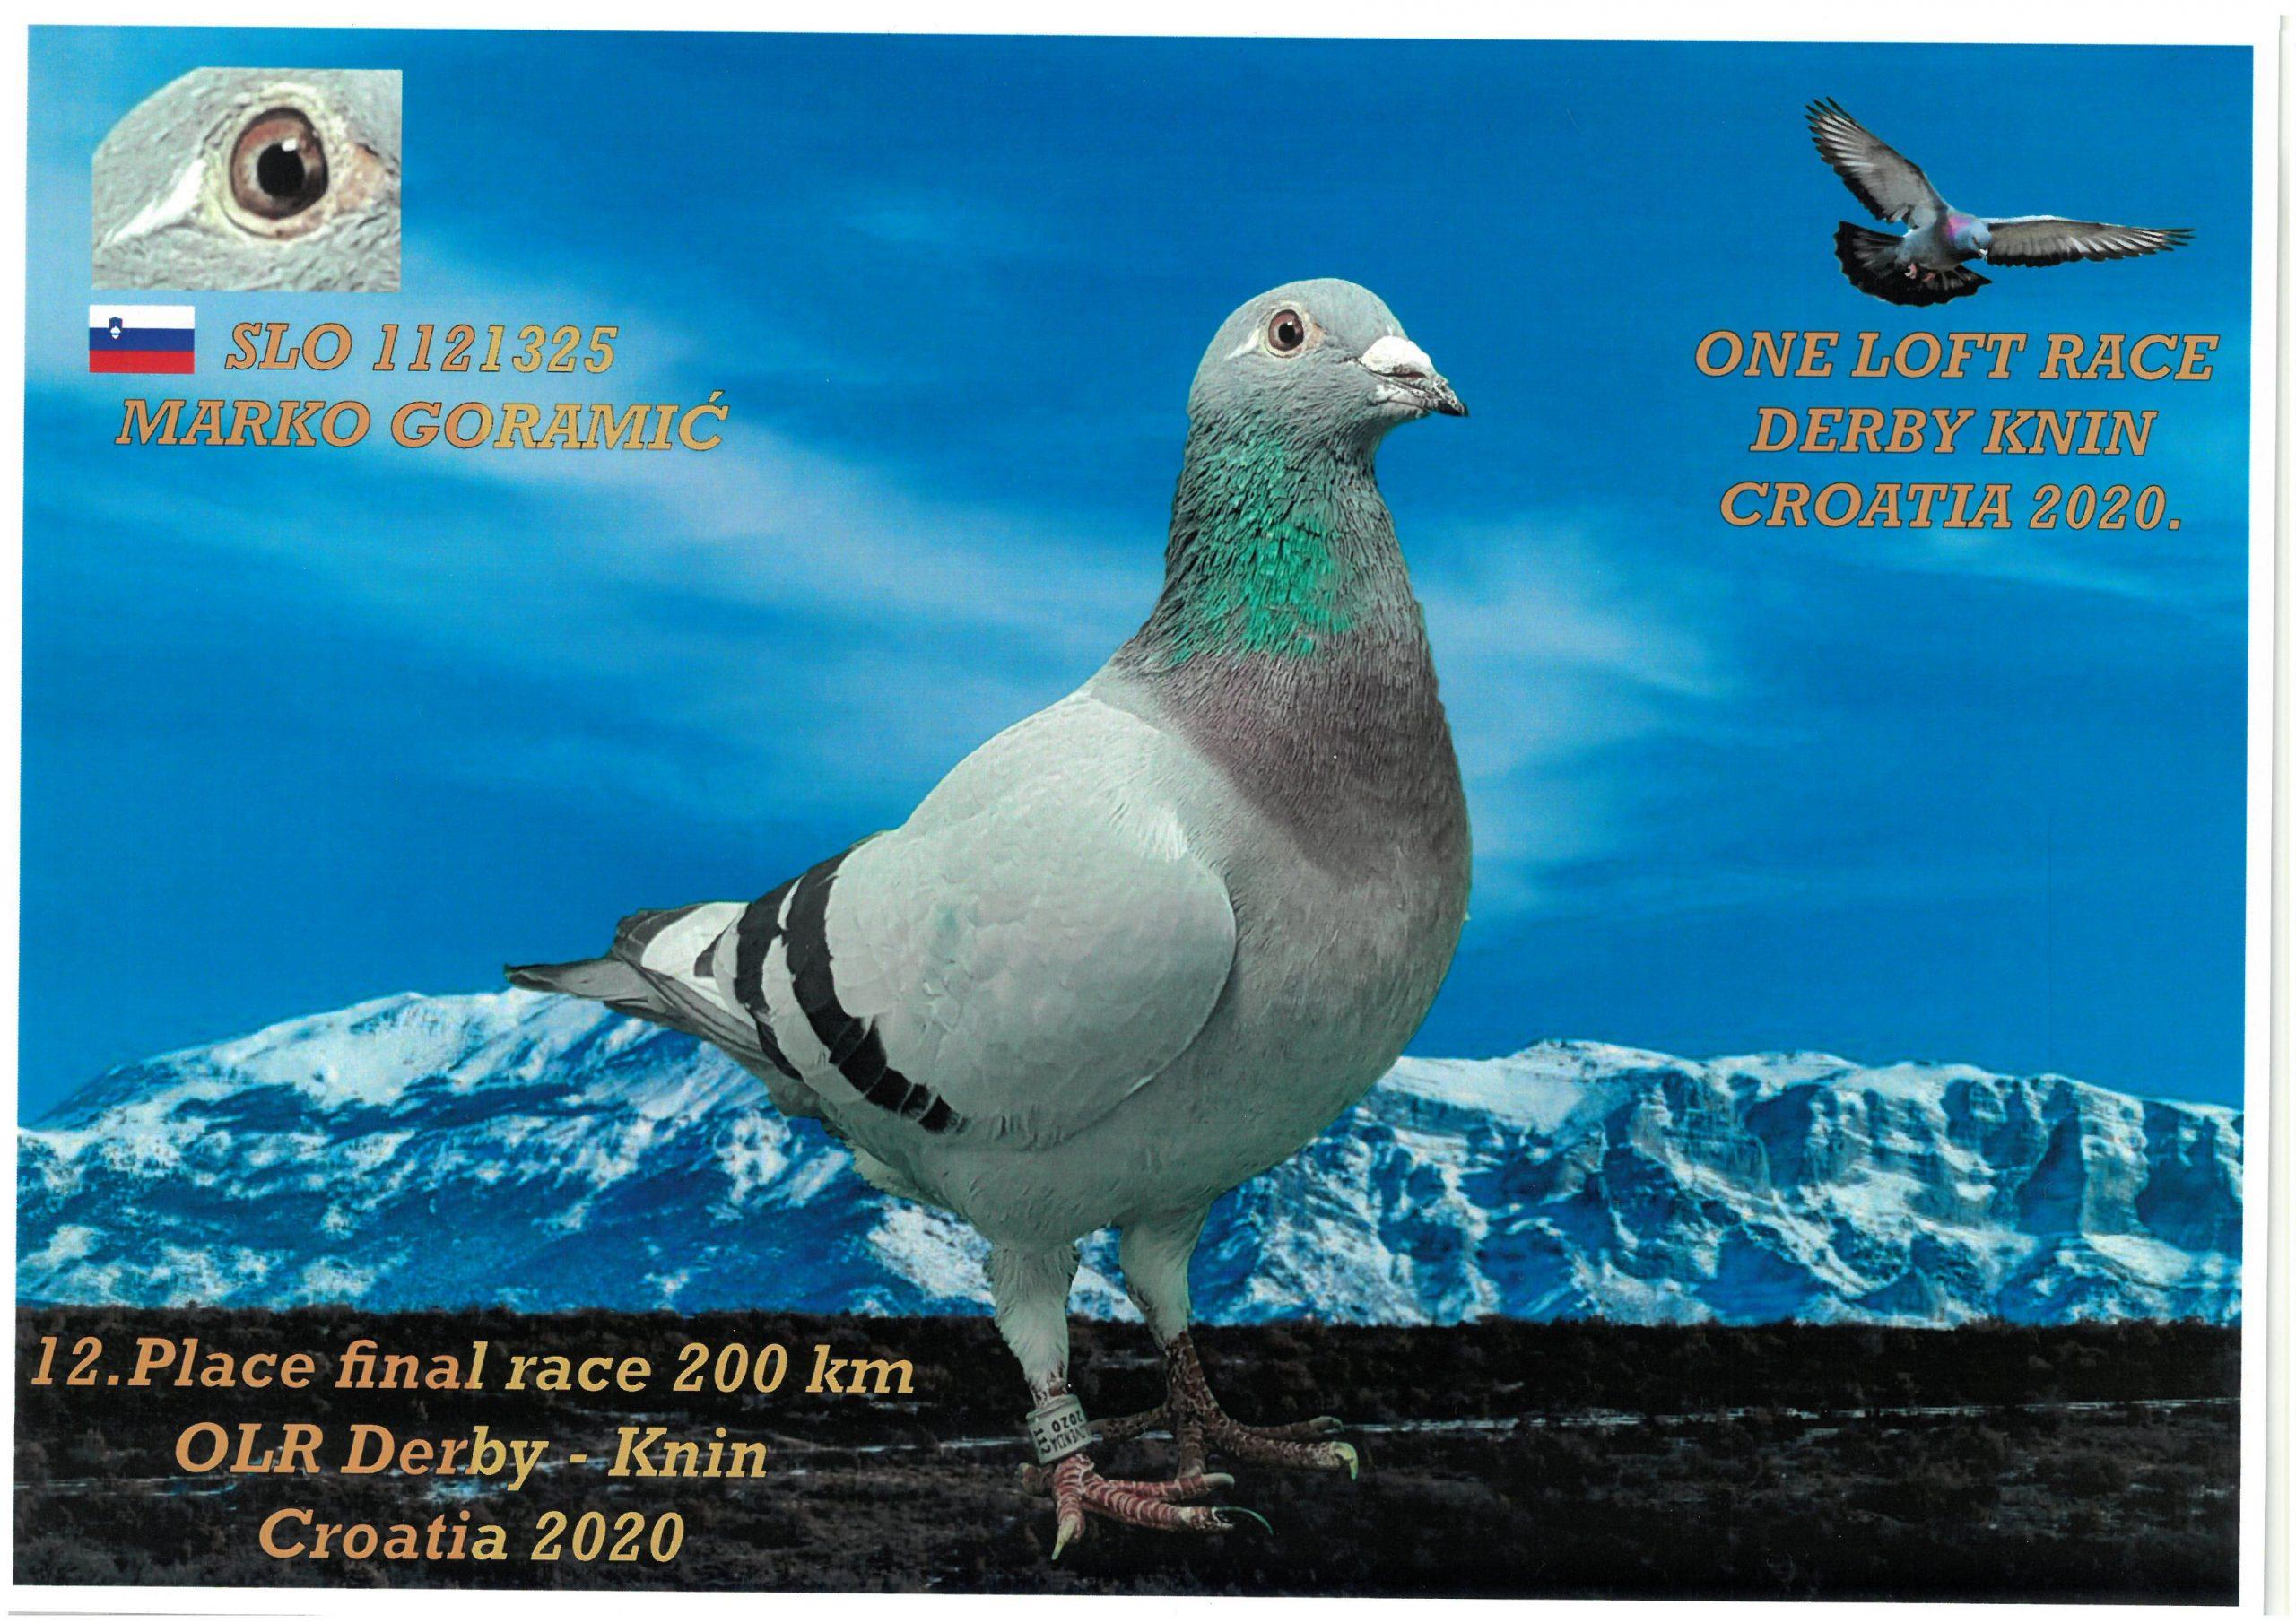 Derby-Knin 12